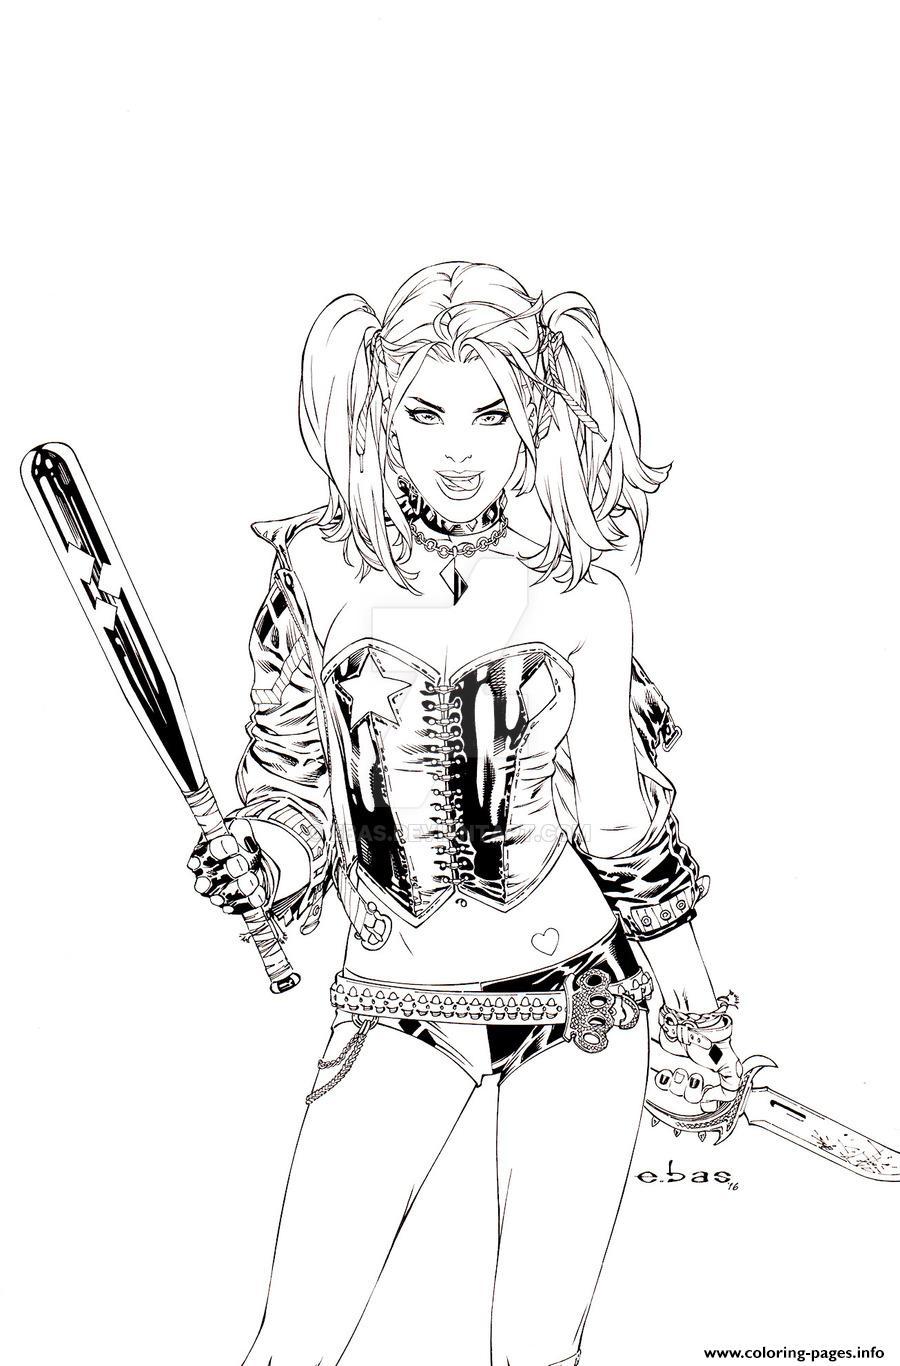 Harley Quinn By Ebas Daaofp7 Coloring Pages Printable